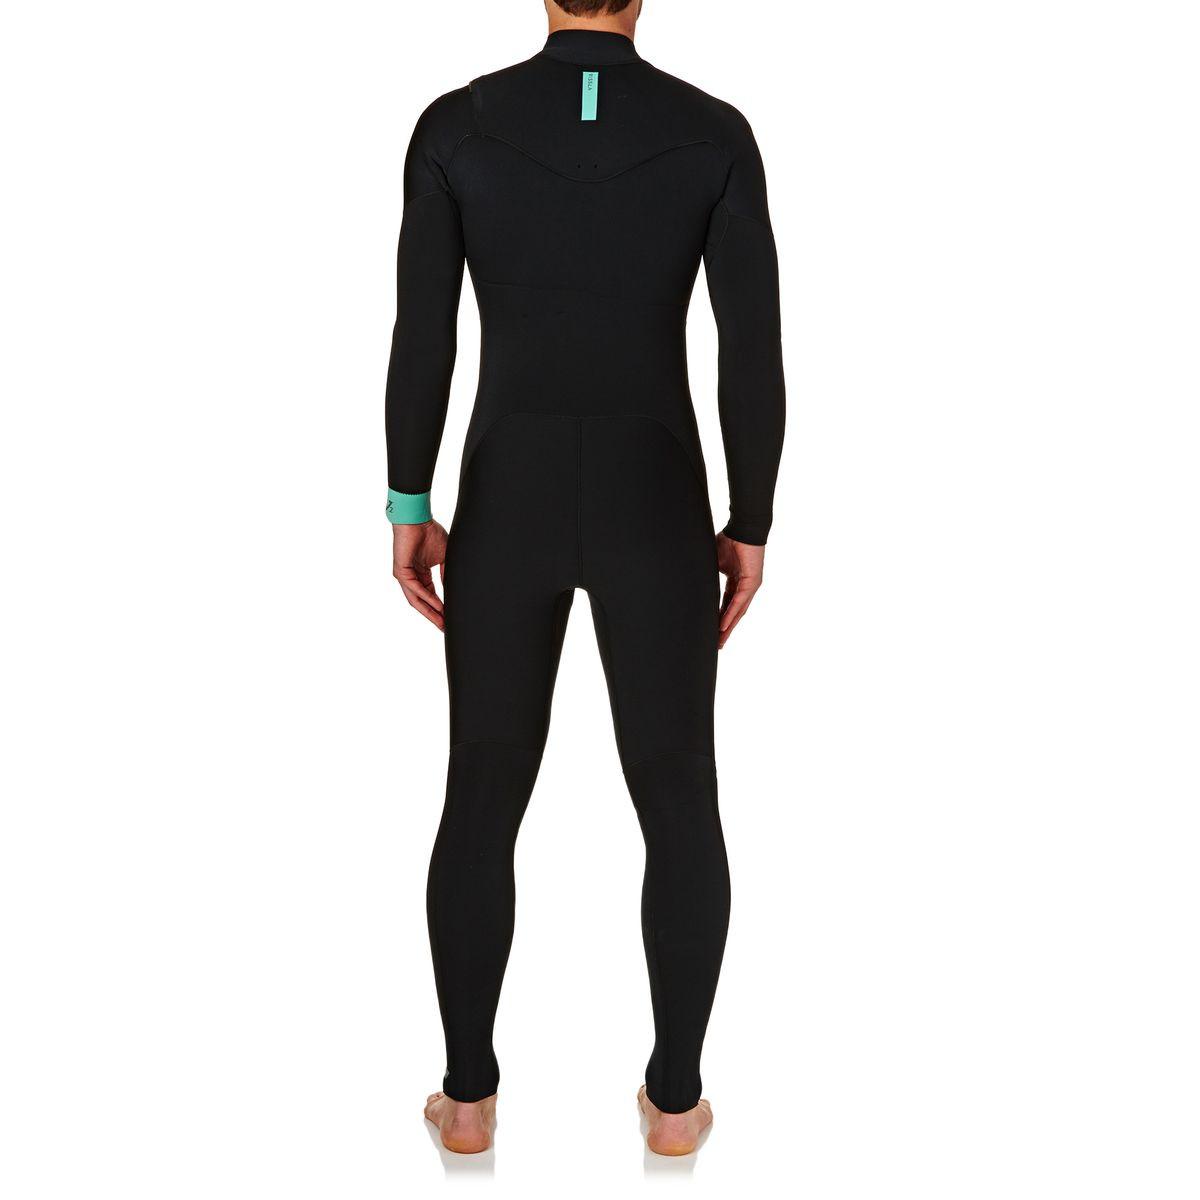 Vissla Bewet Chiba 3/2mm 2017 Chest Zip Wetsuit - Black